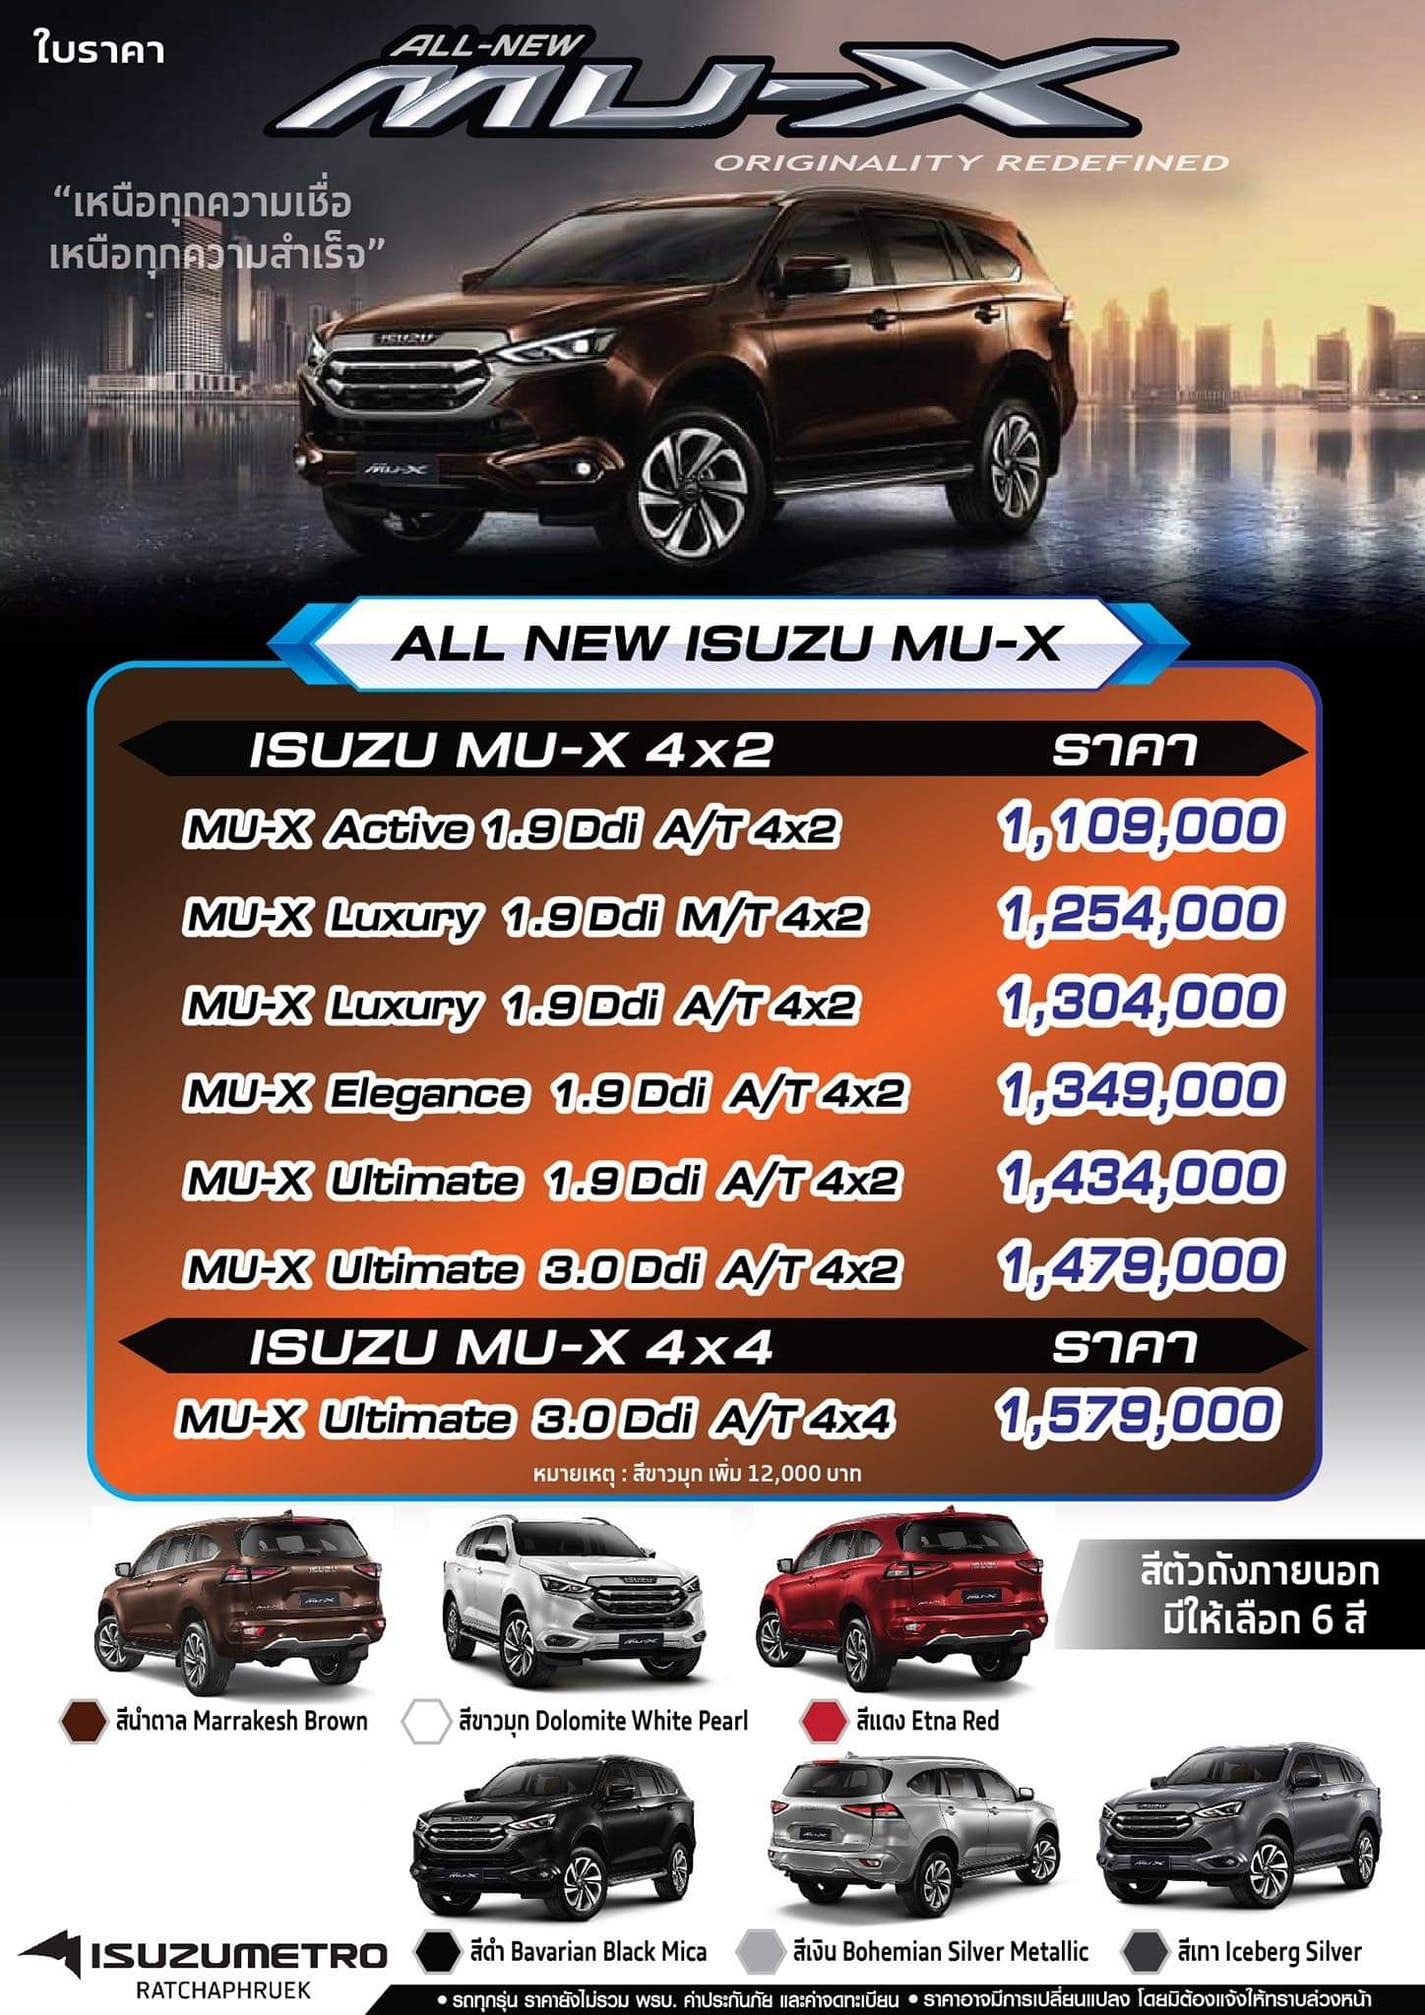 ราคา All New Isuzu Mu-X (มิวเอ็กซ์) 2021 ทุกรุ่น ทุกสี